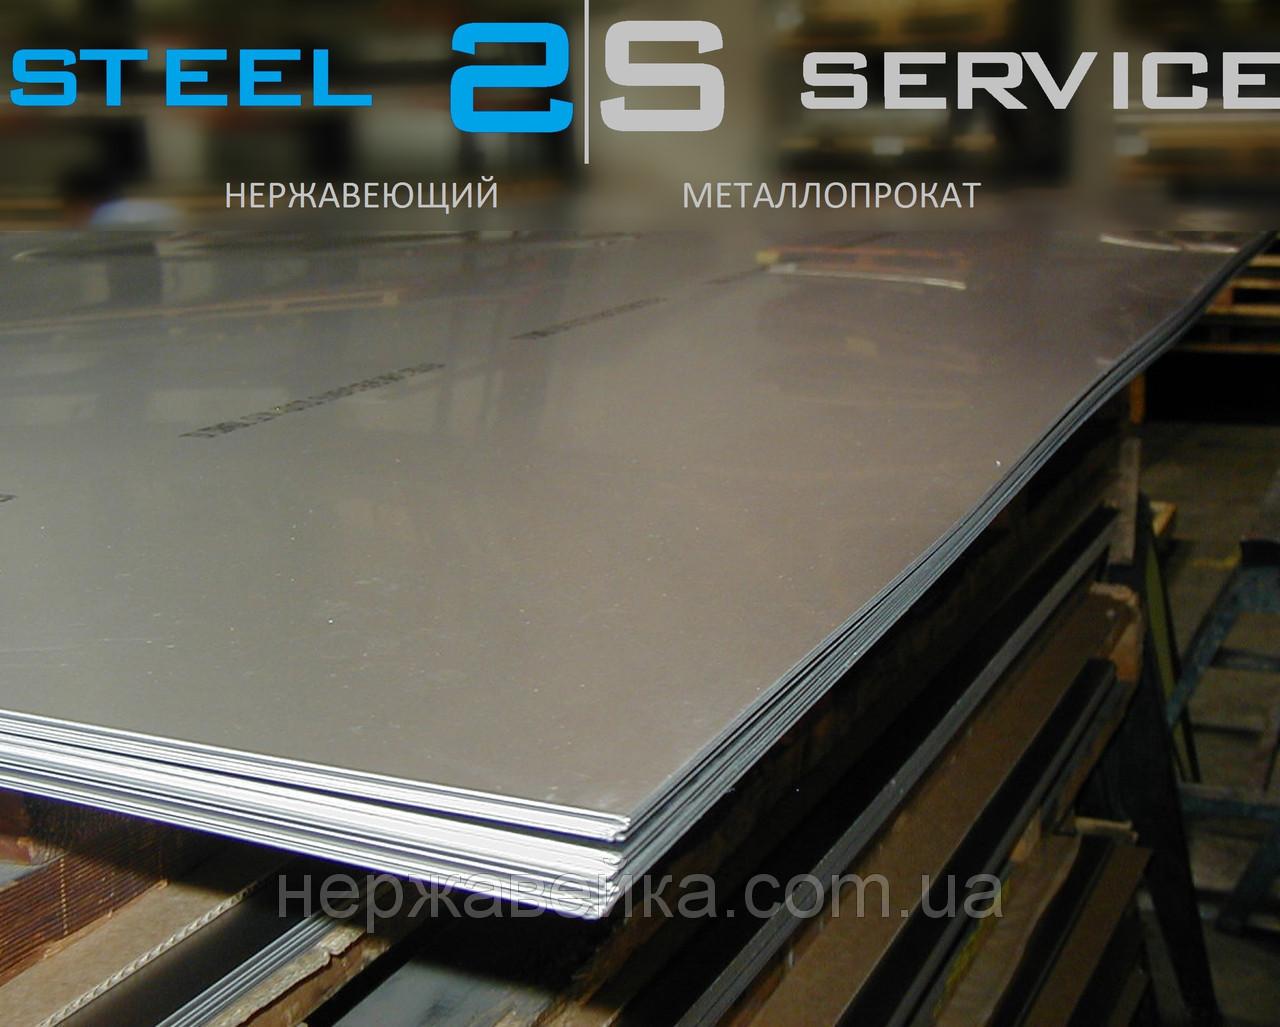 Листовая нержавейка 3х1250х2500мм AISI 430(12Х17) 4N - шлифованный, технический